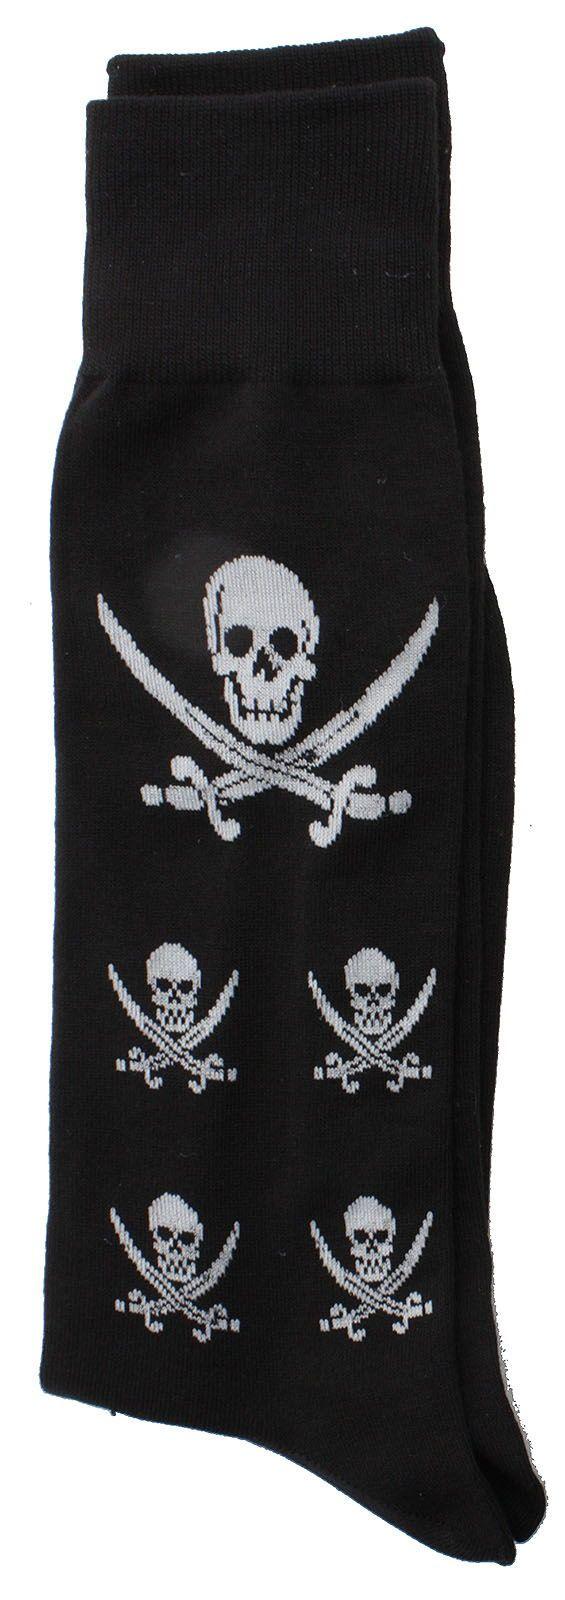 Skull Socks 1pk - http://soxmile.com/portfolio-view/skull-socks-1pk/